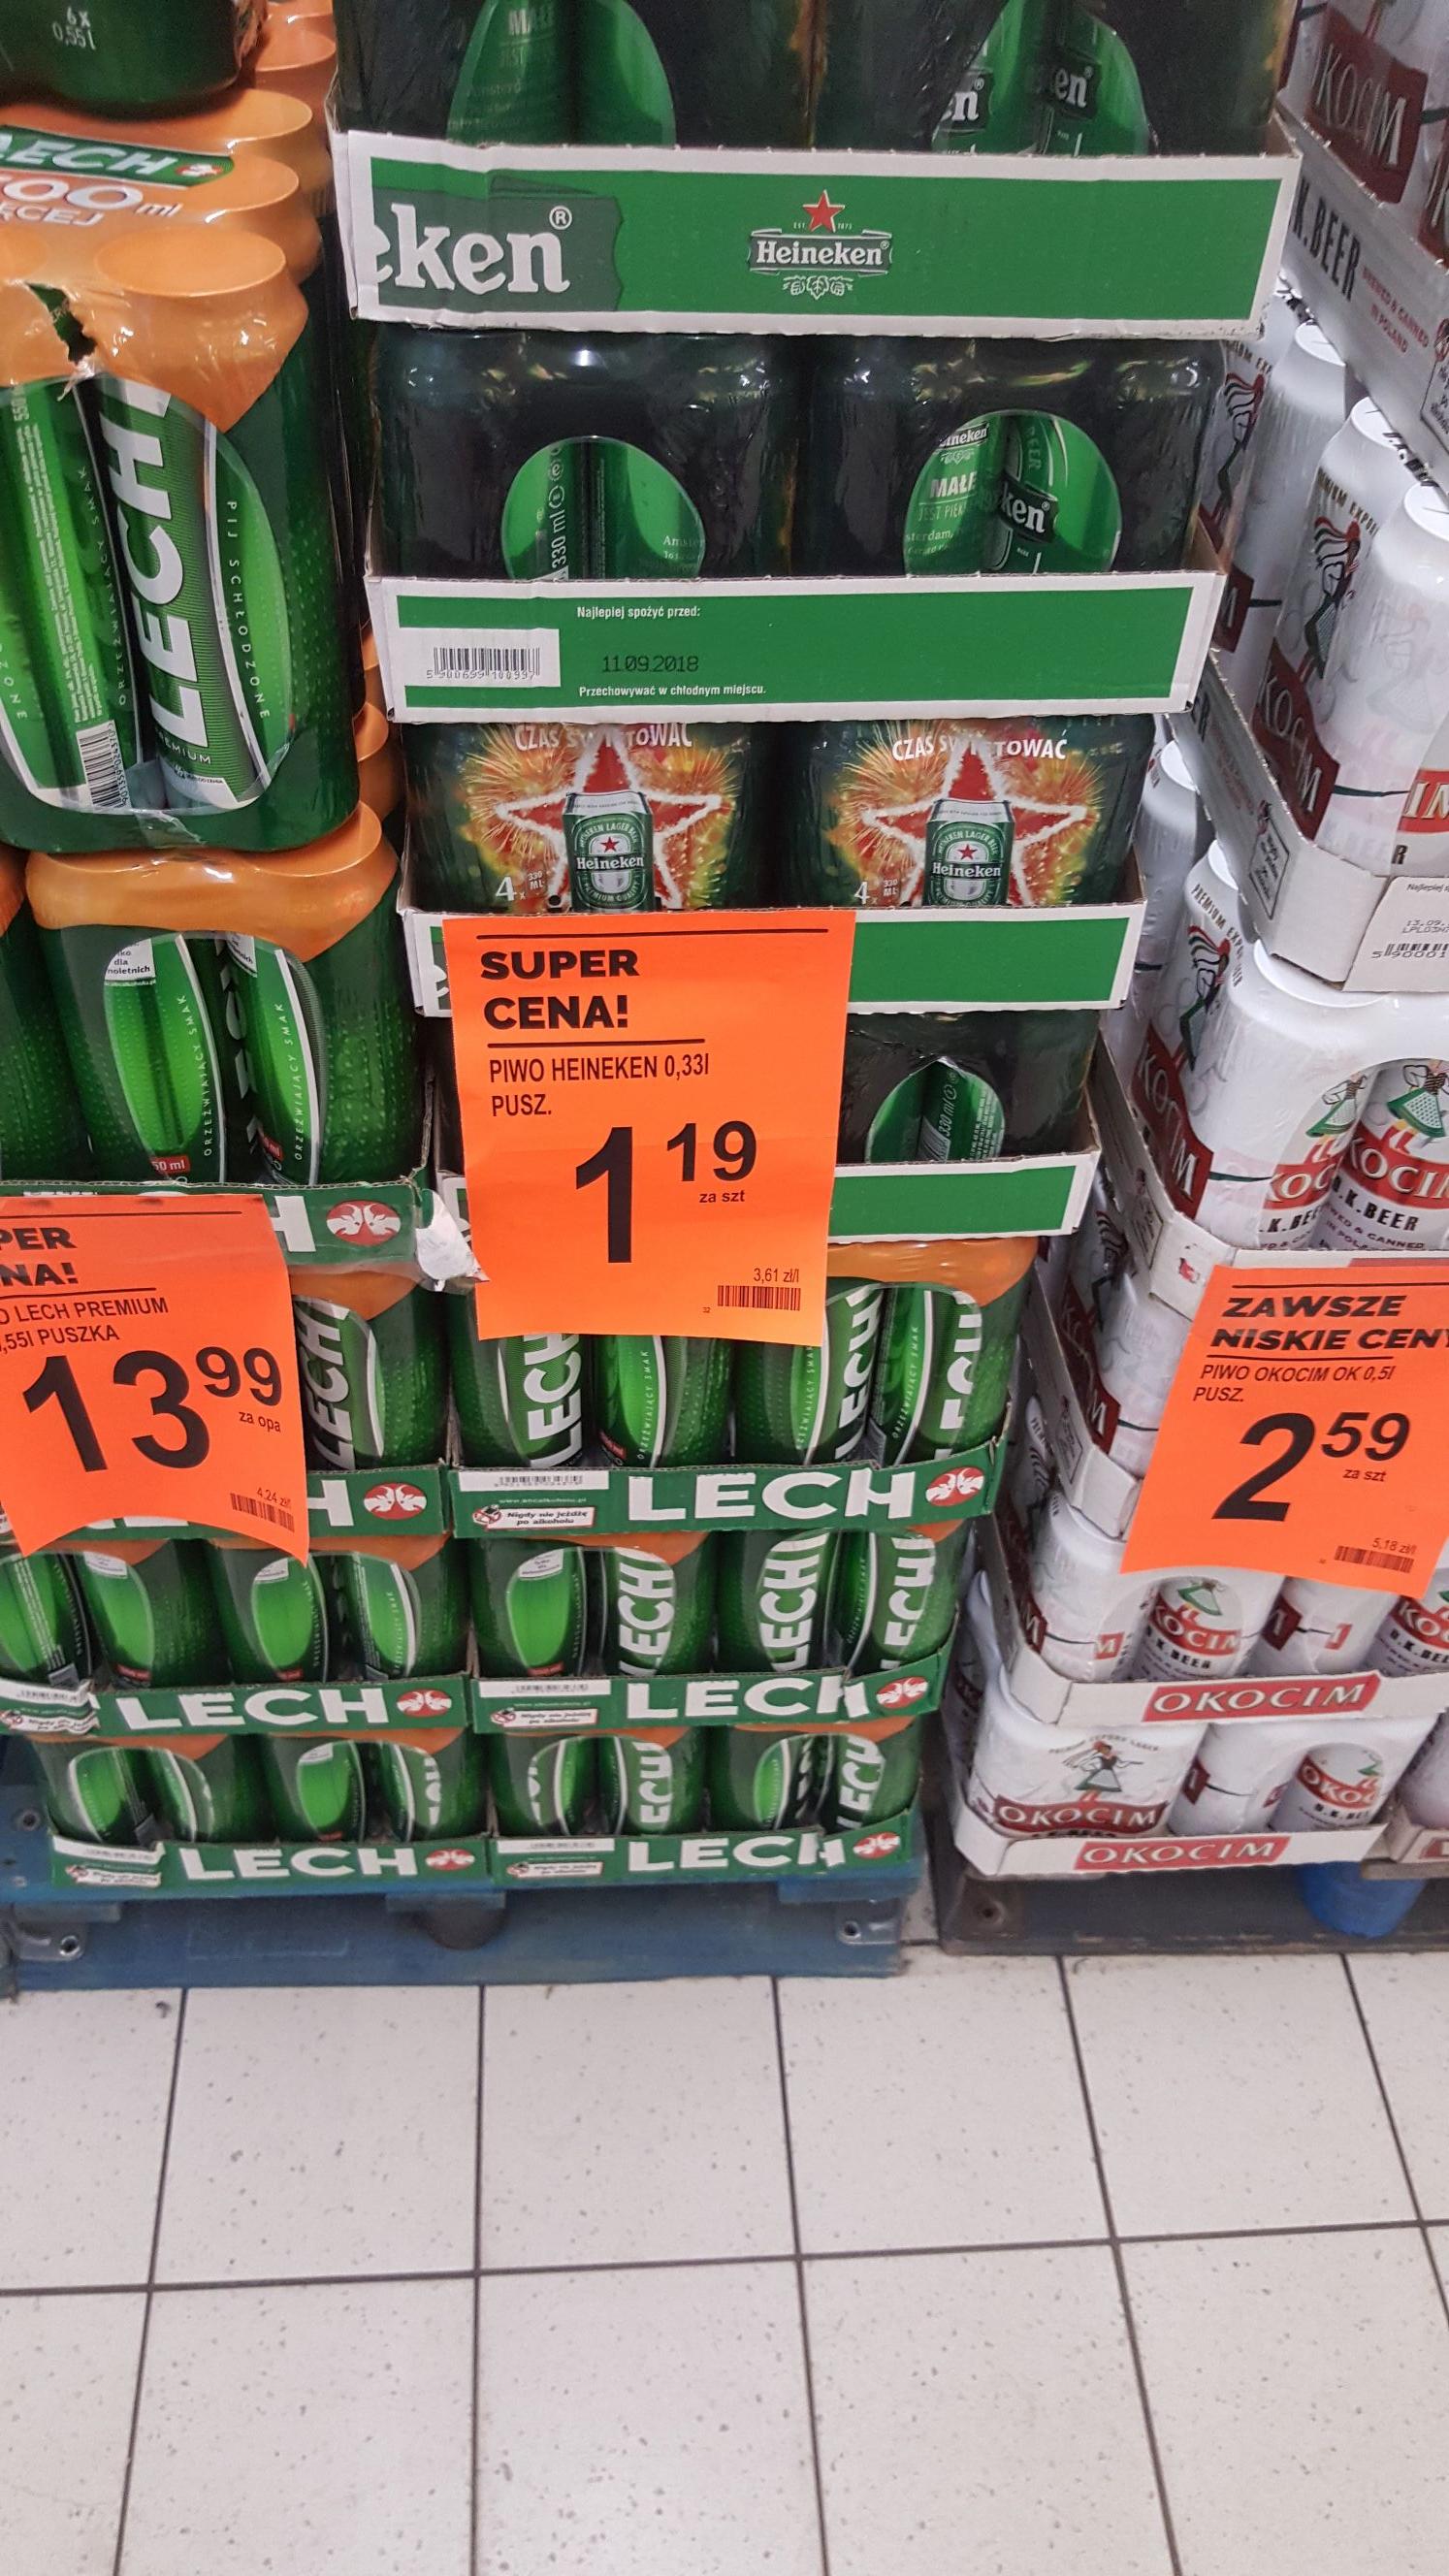 Heineken 0.33 @ Biedronka (Będzin)